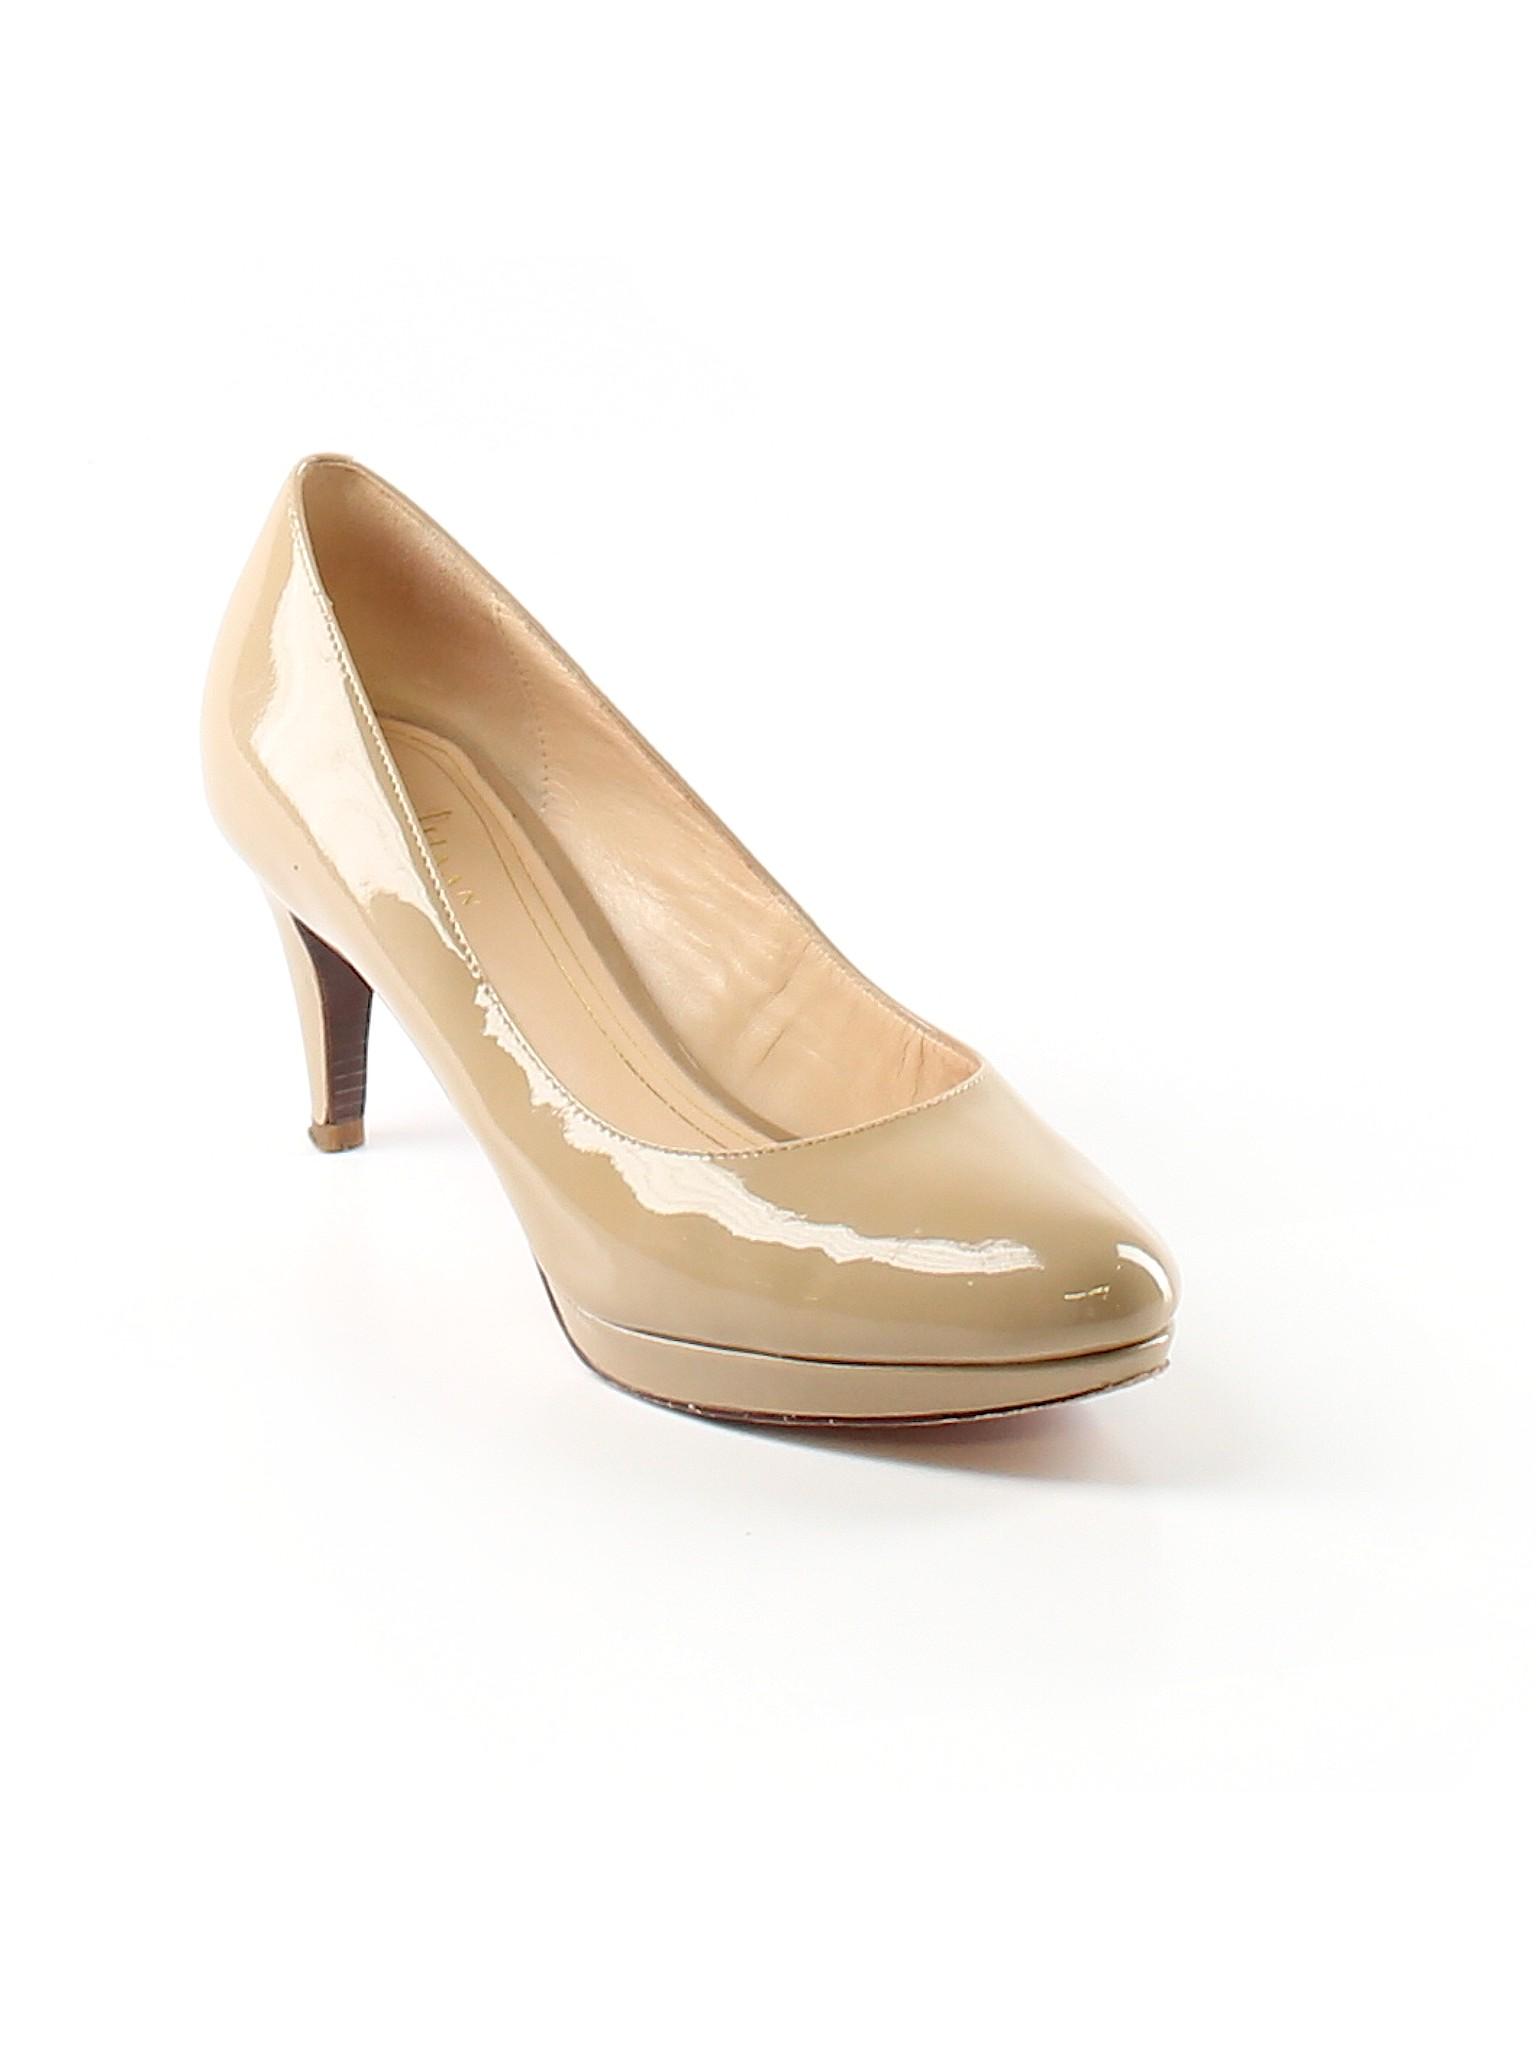 Boutique promotion Heels Haan Boutique Heels promotion Boutique Cole Haan Cole rPrn7Y